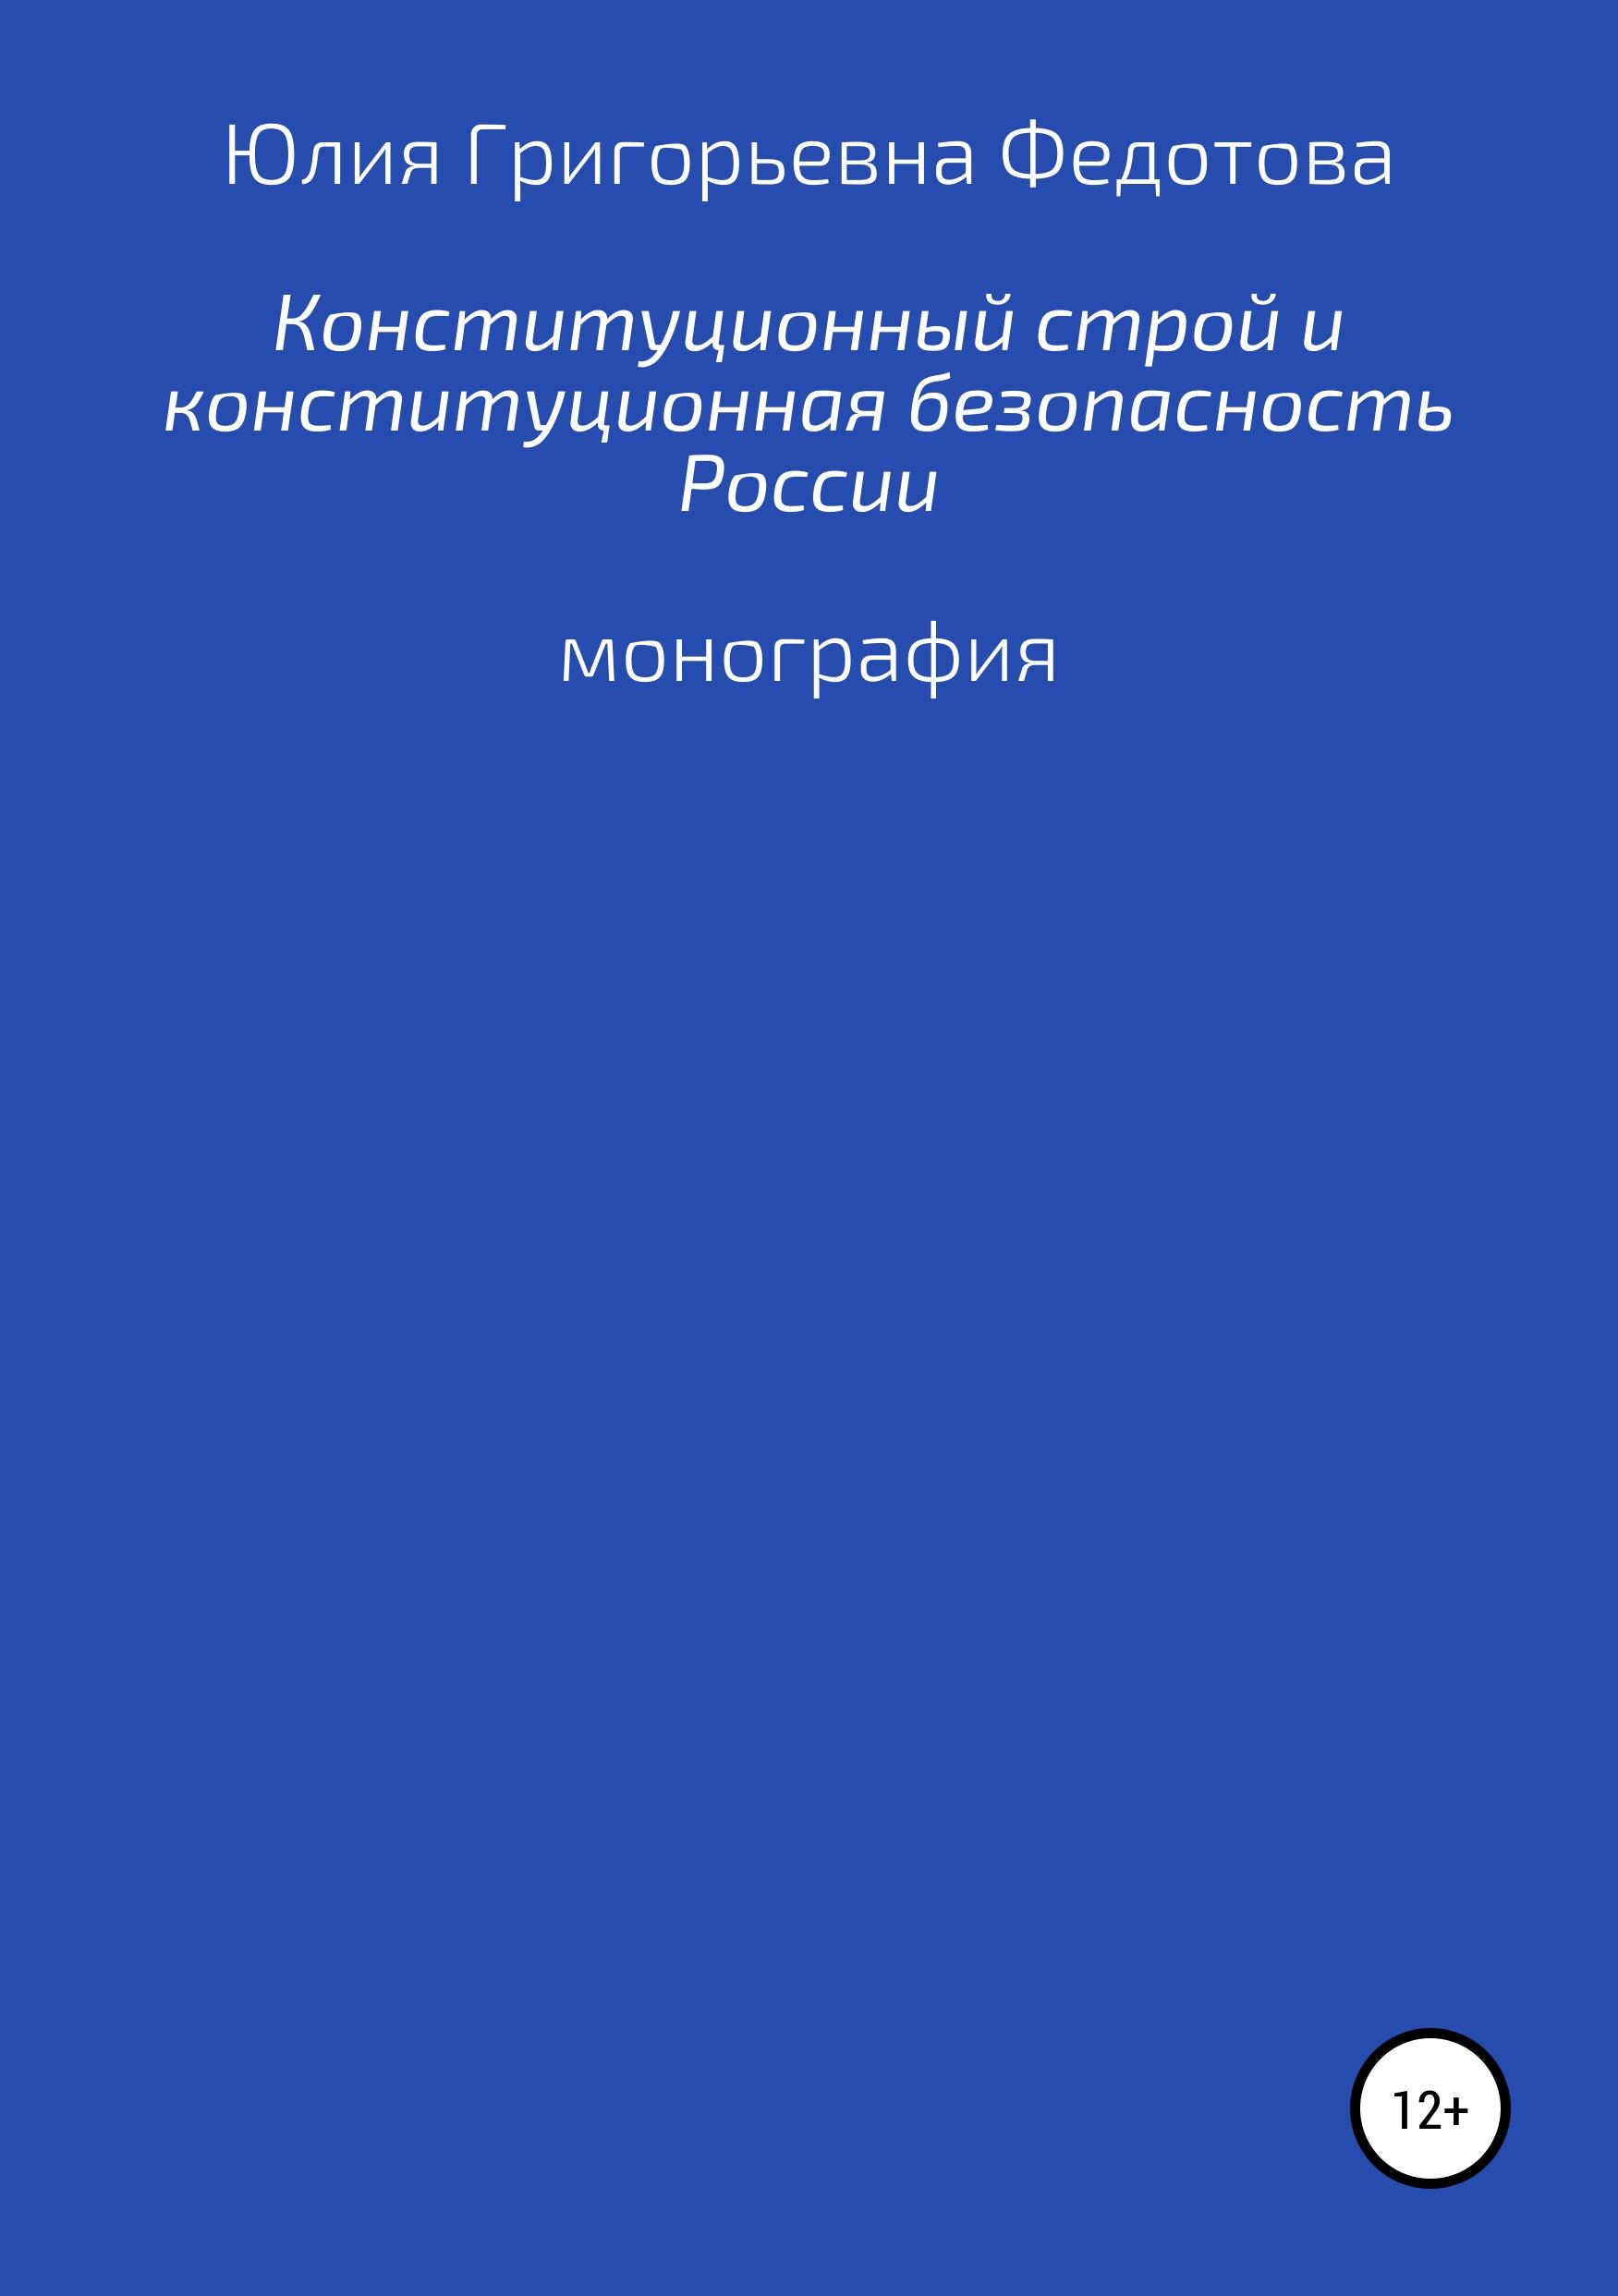 Конституционный строй и конституционная безопасность России